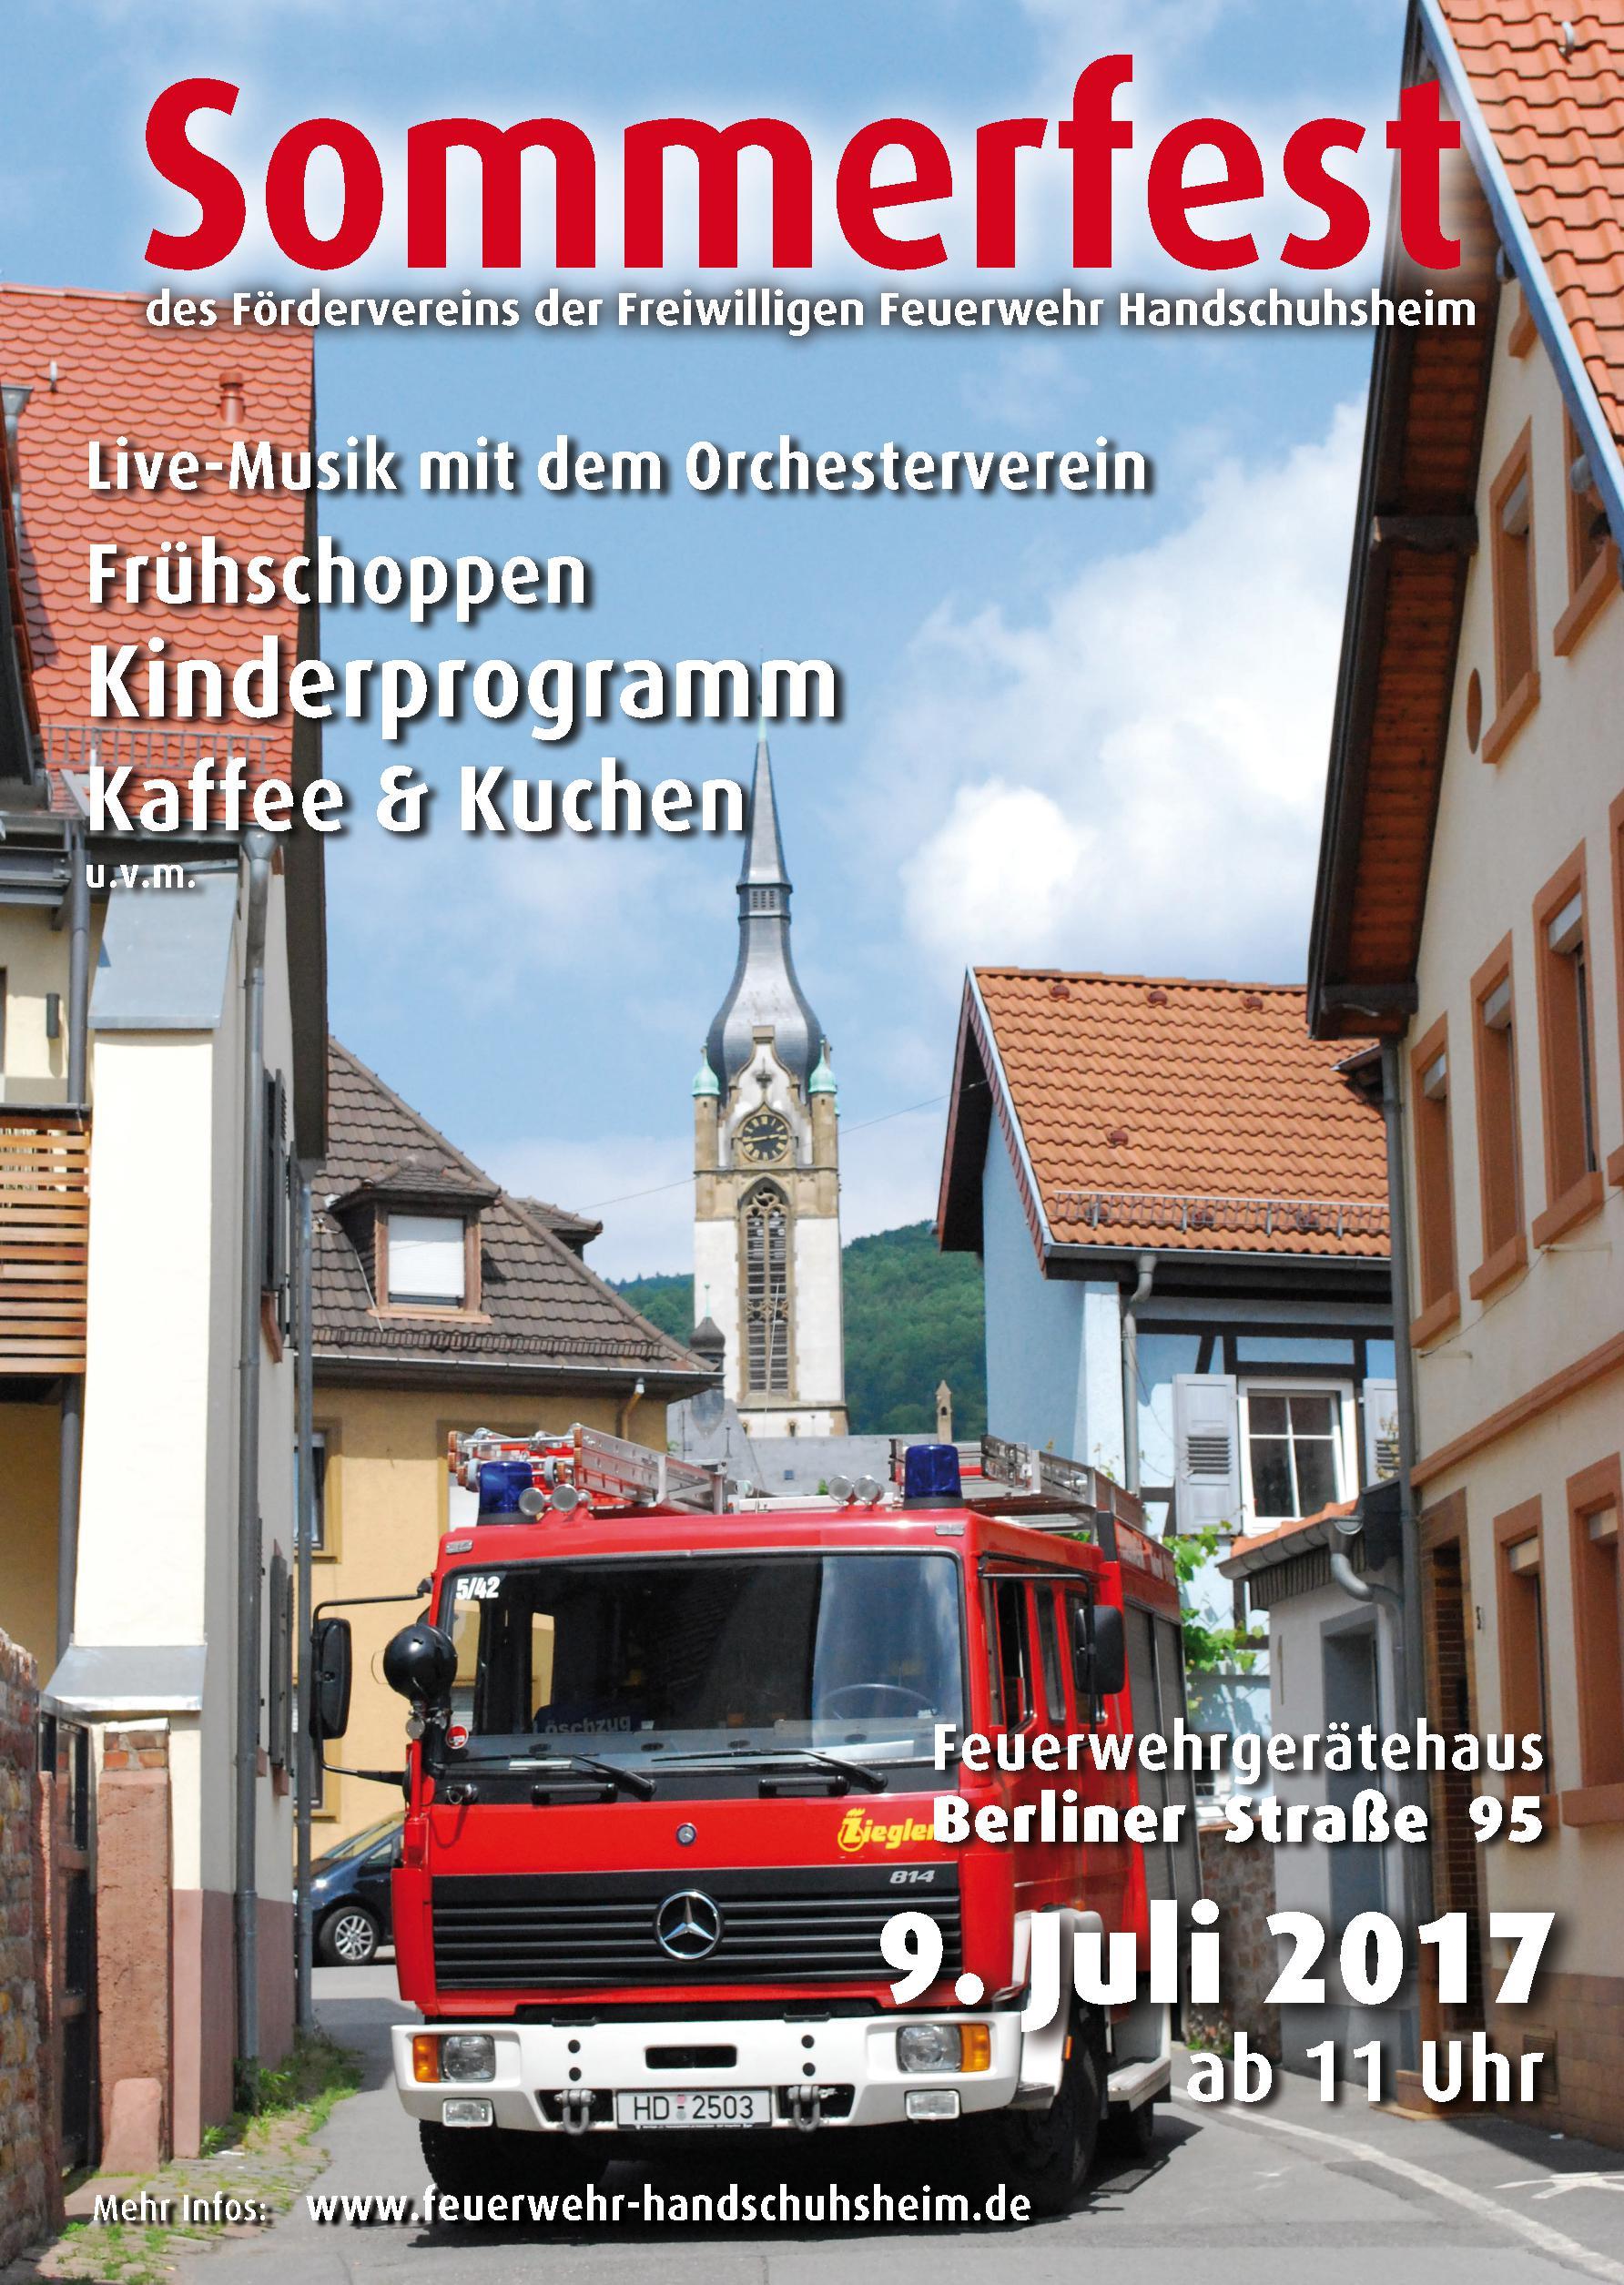 Plakat für das Sommerfest 2017 der freiwilligen Feuerwehr Handschuhsheim